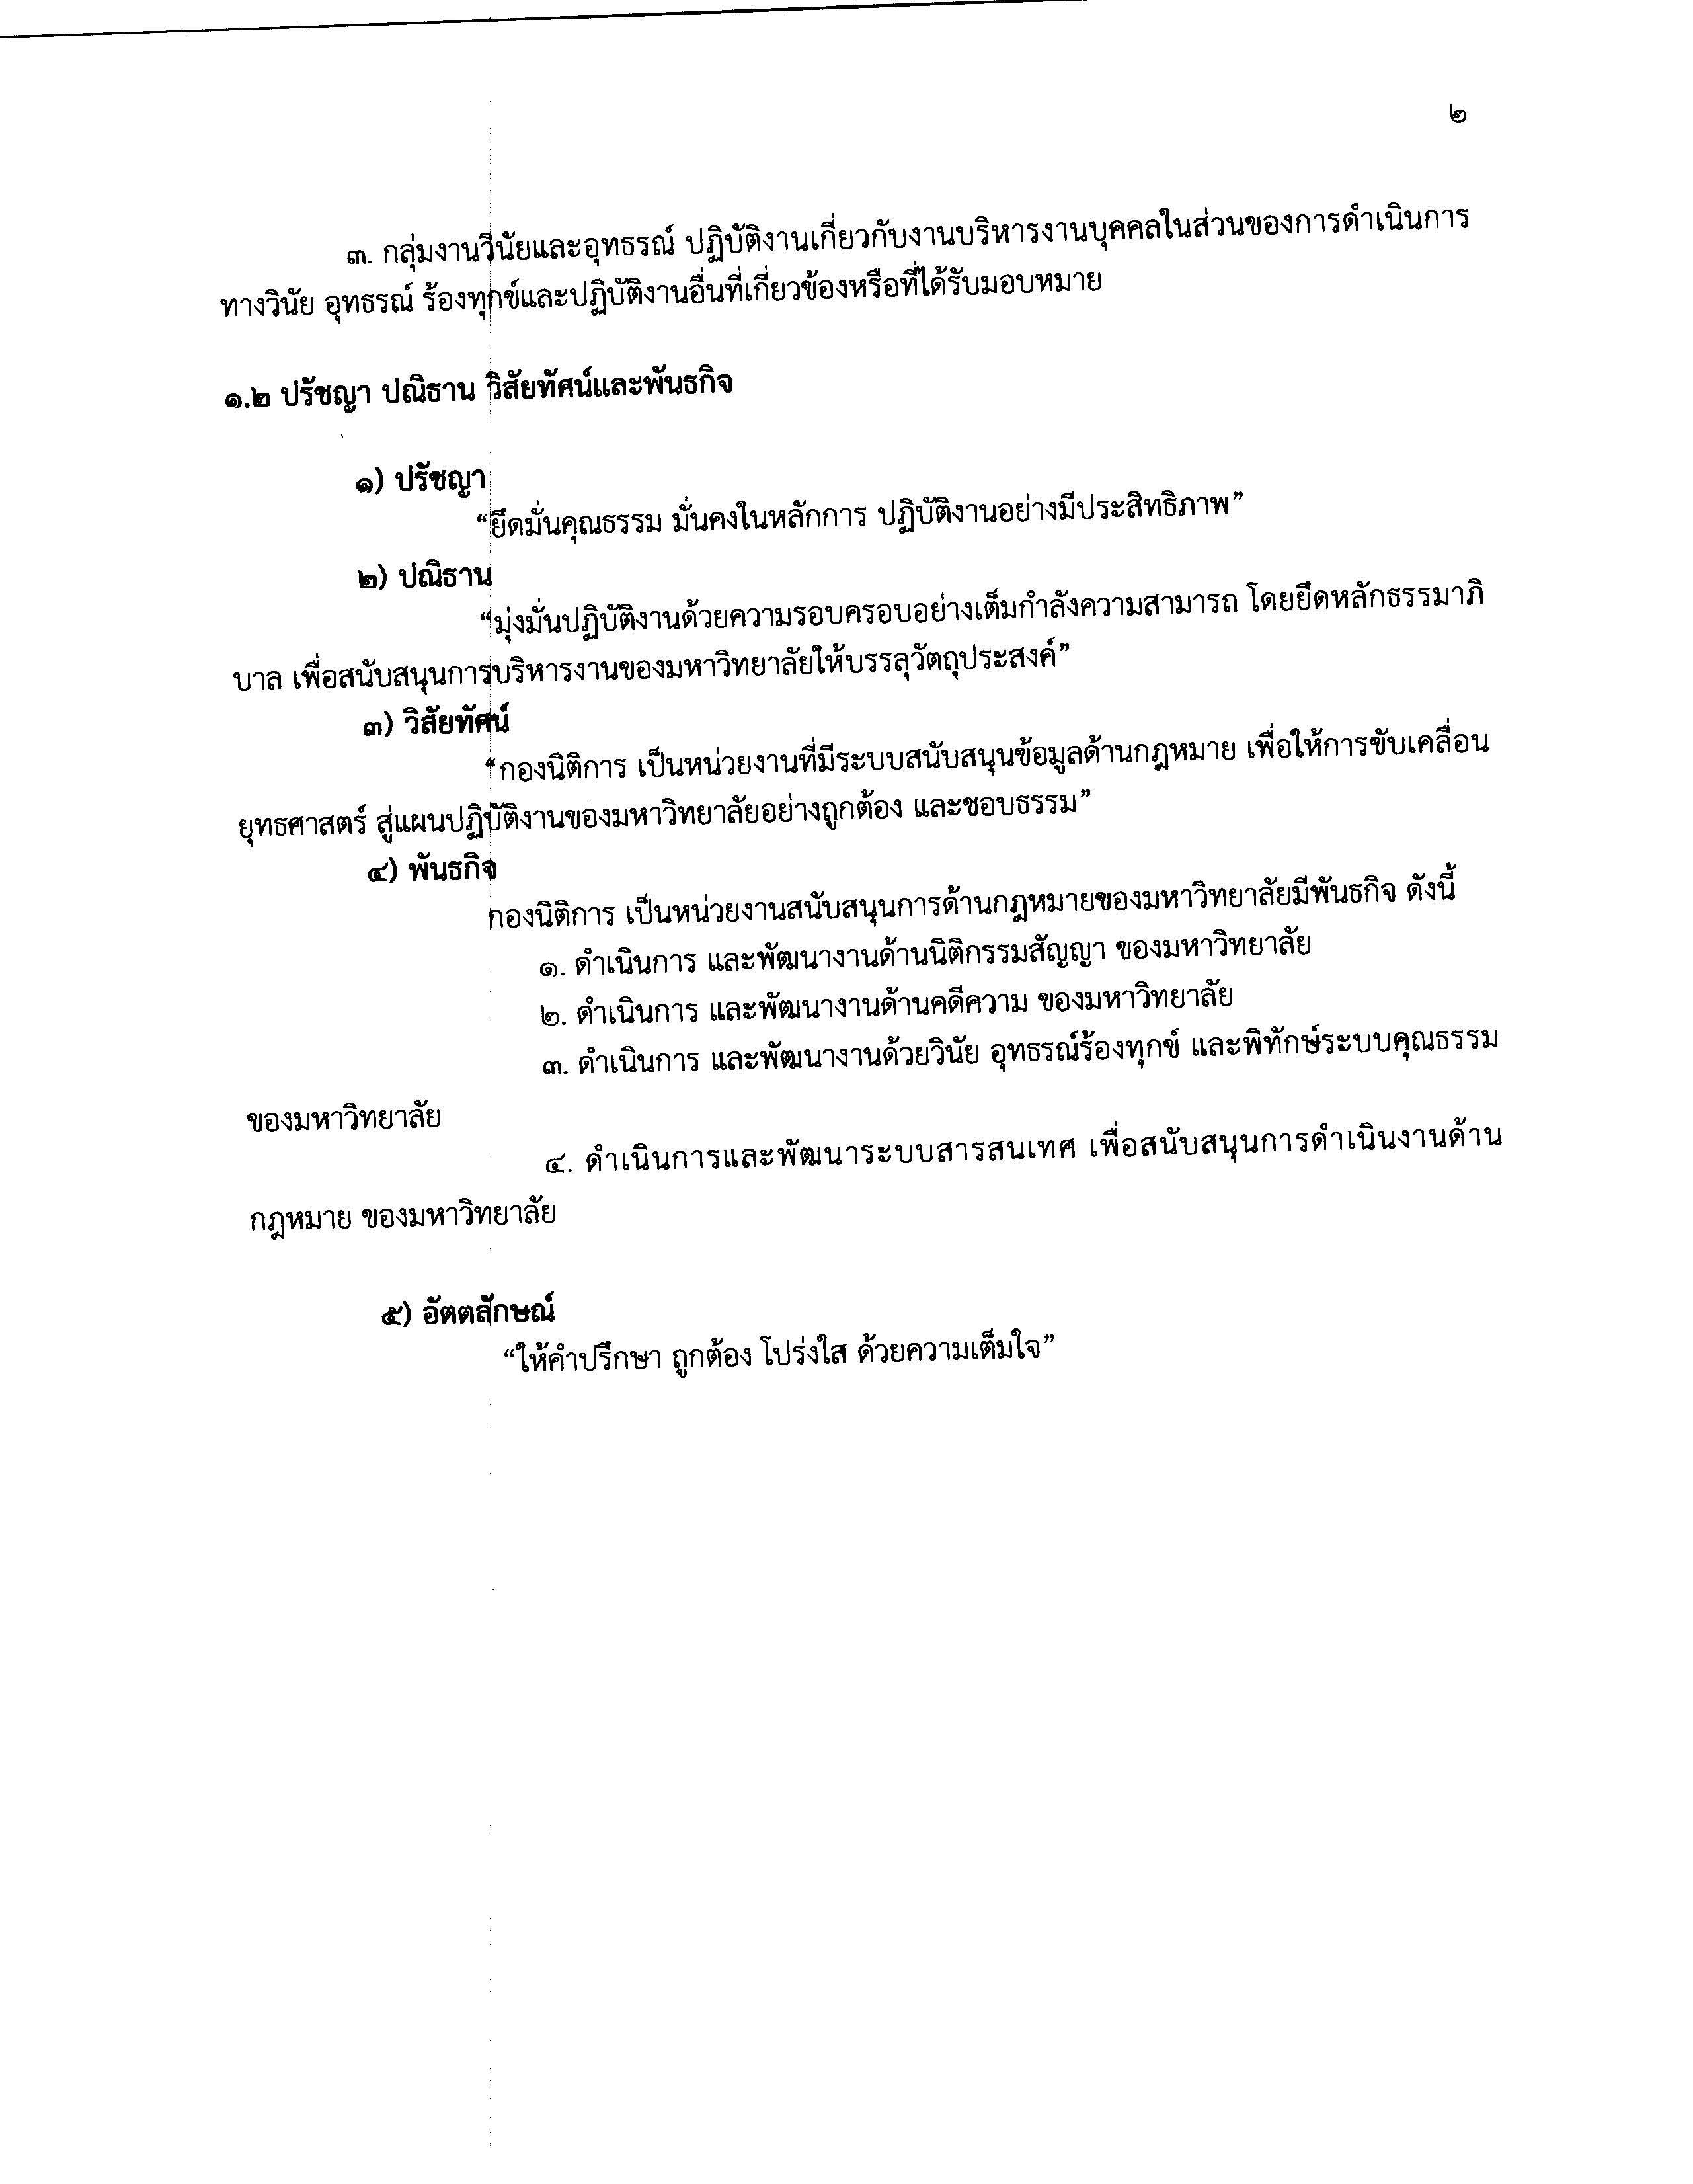 รายงานผลการประเมินคุณภาพภายในส่วนงานสนับสนุน_Page_05